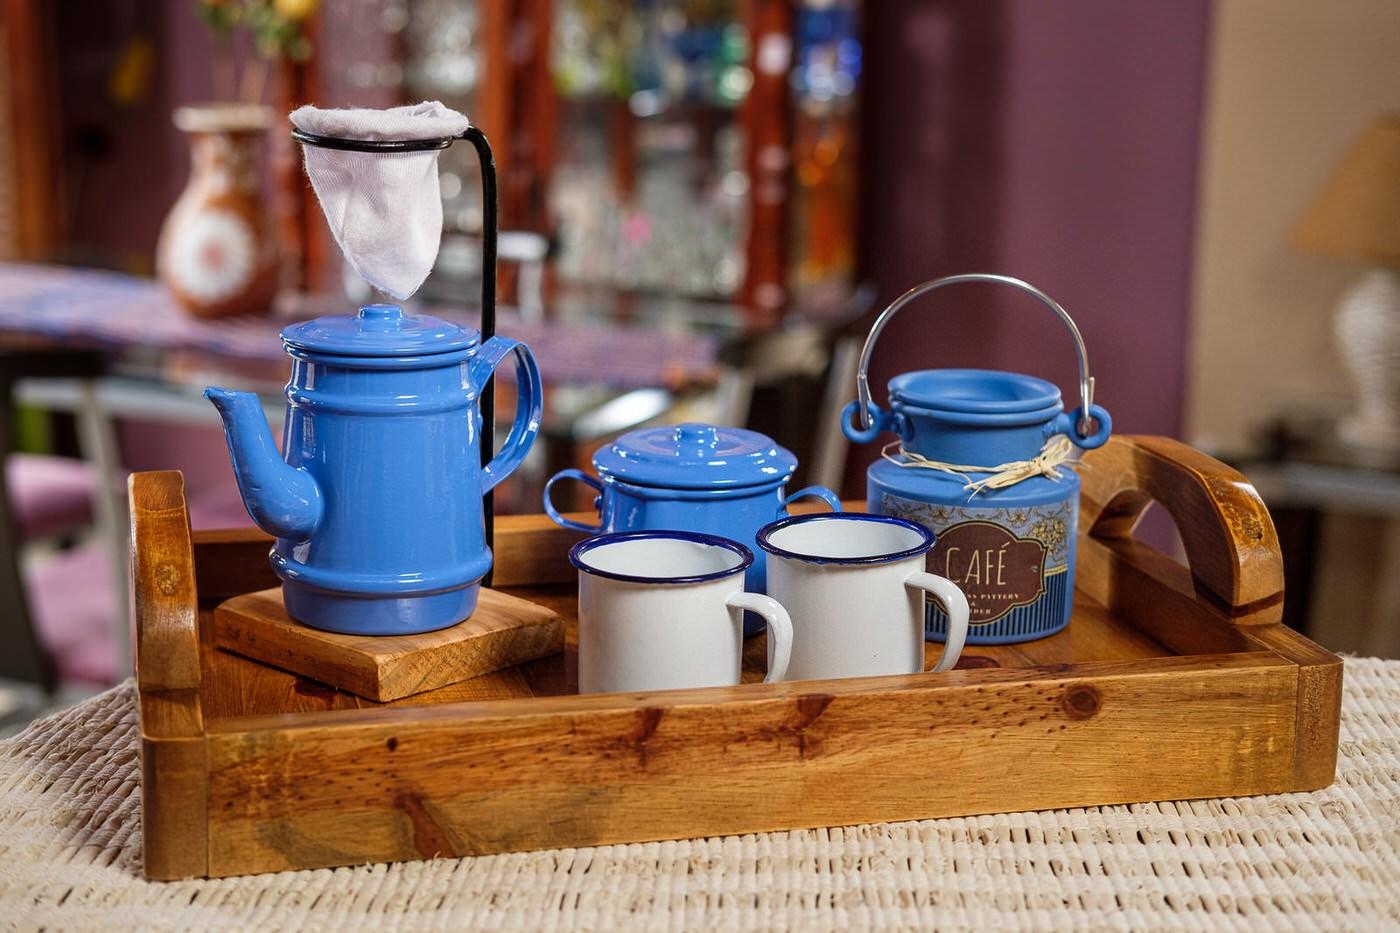 Kit Bandeja + Peças de Café / Azul Claro com Canecas Brancas